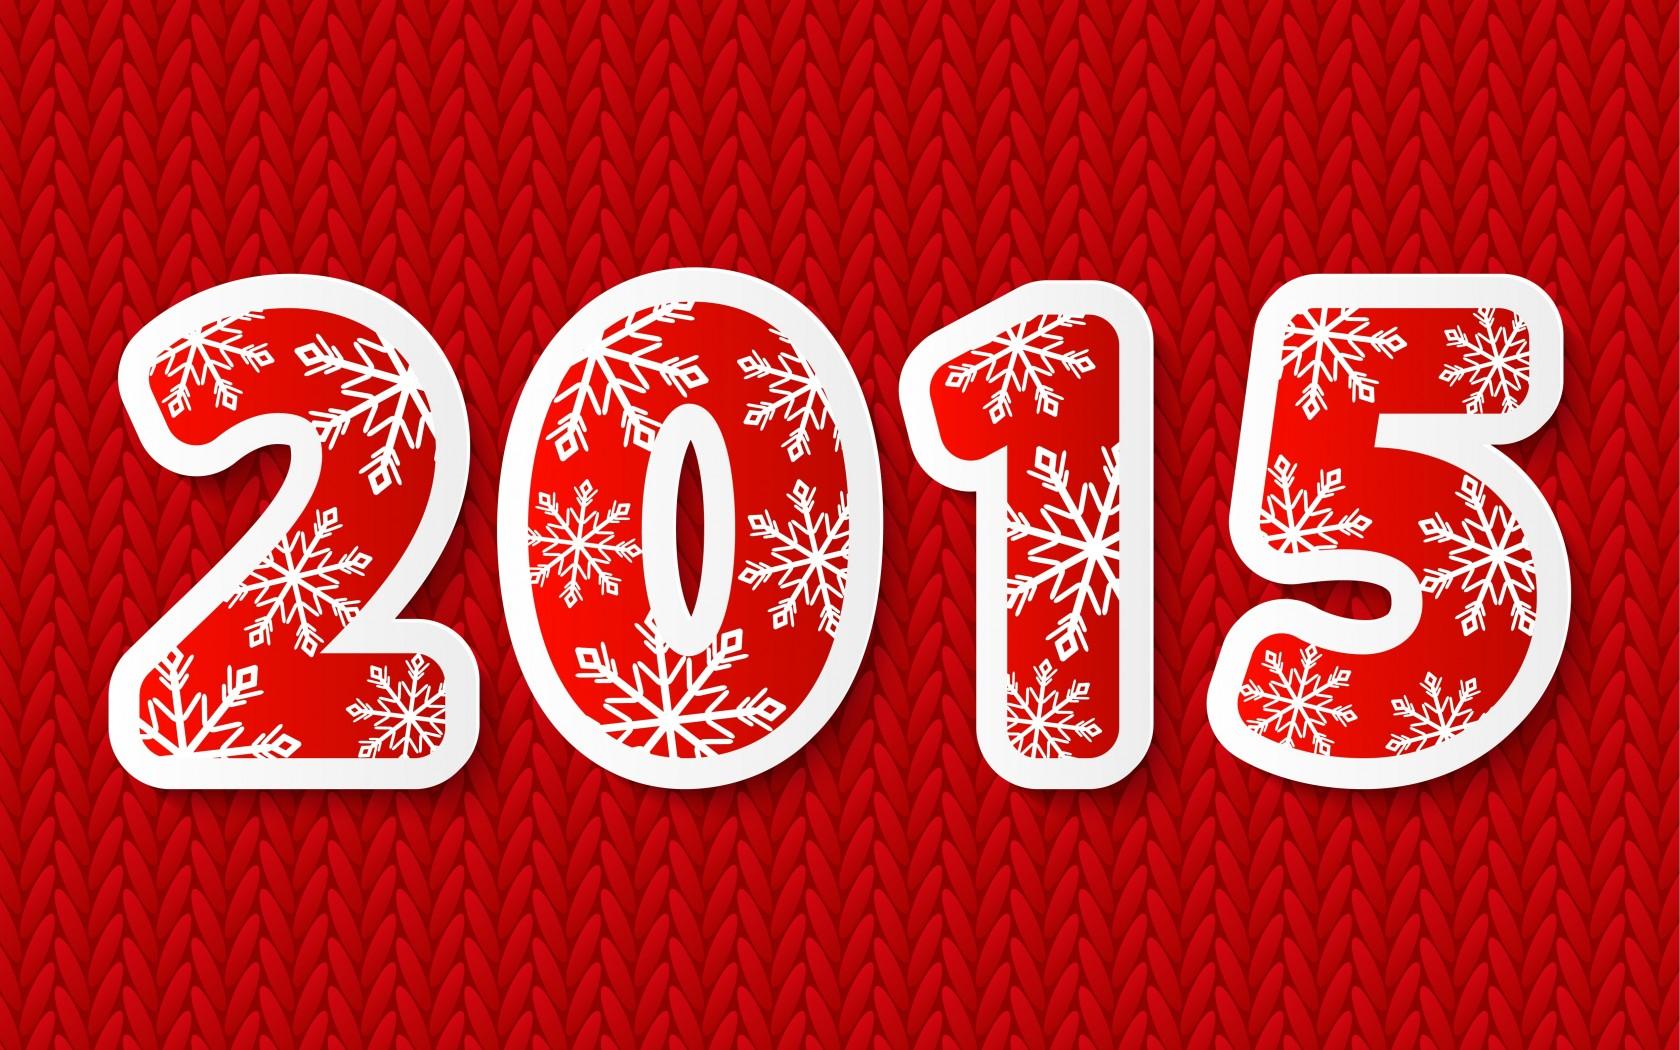 Картинки с новым годом 2015 чтобы можно было вставить текст